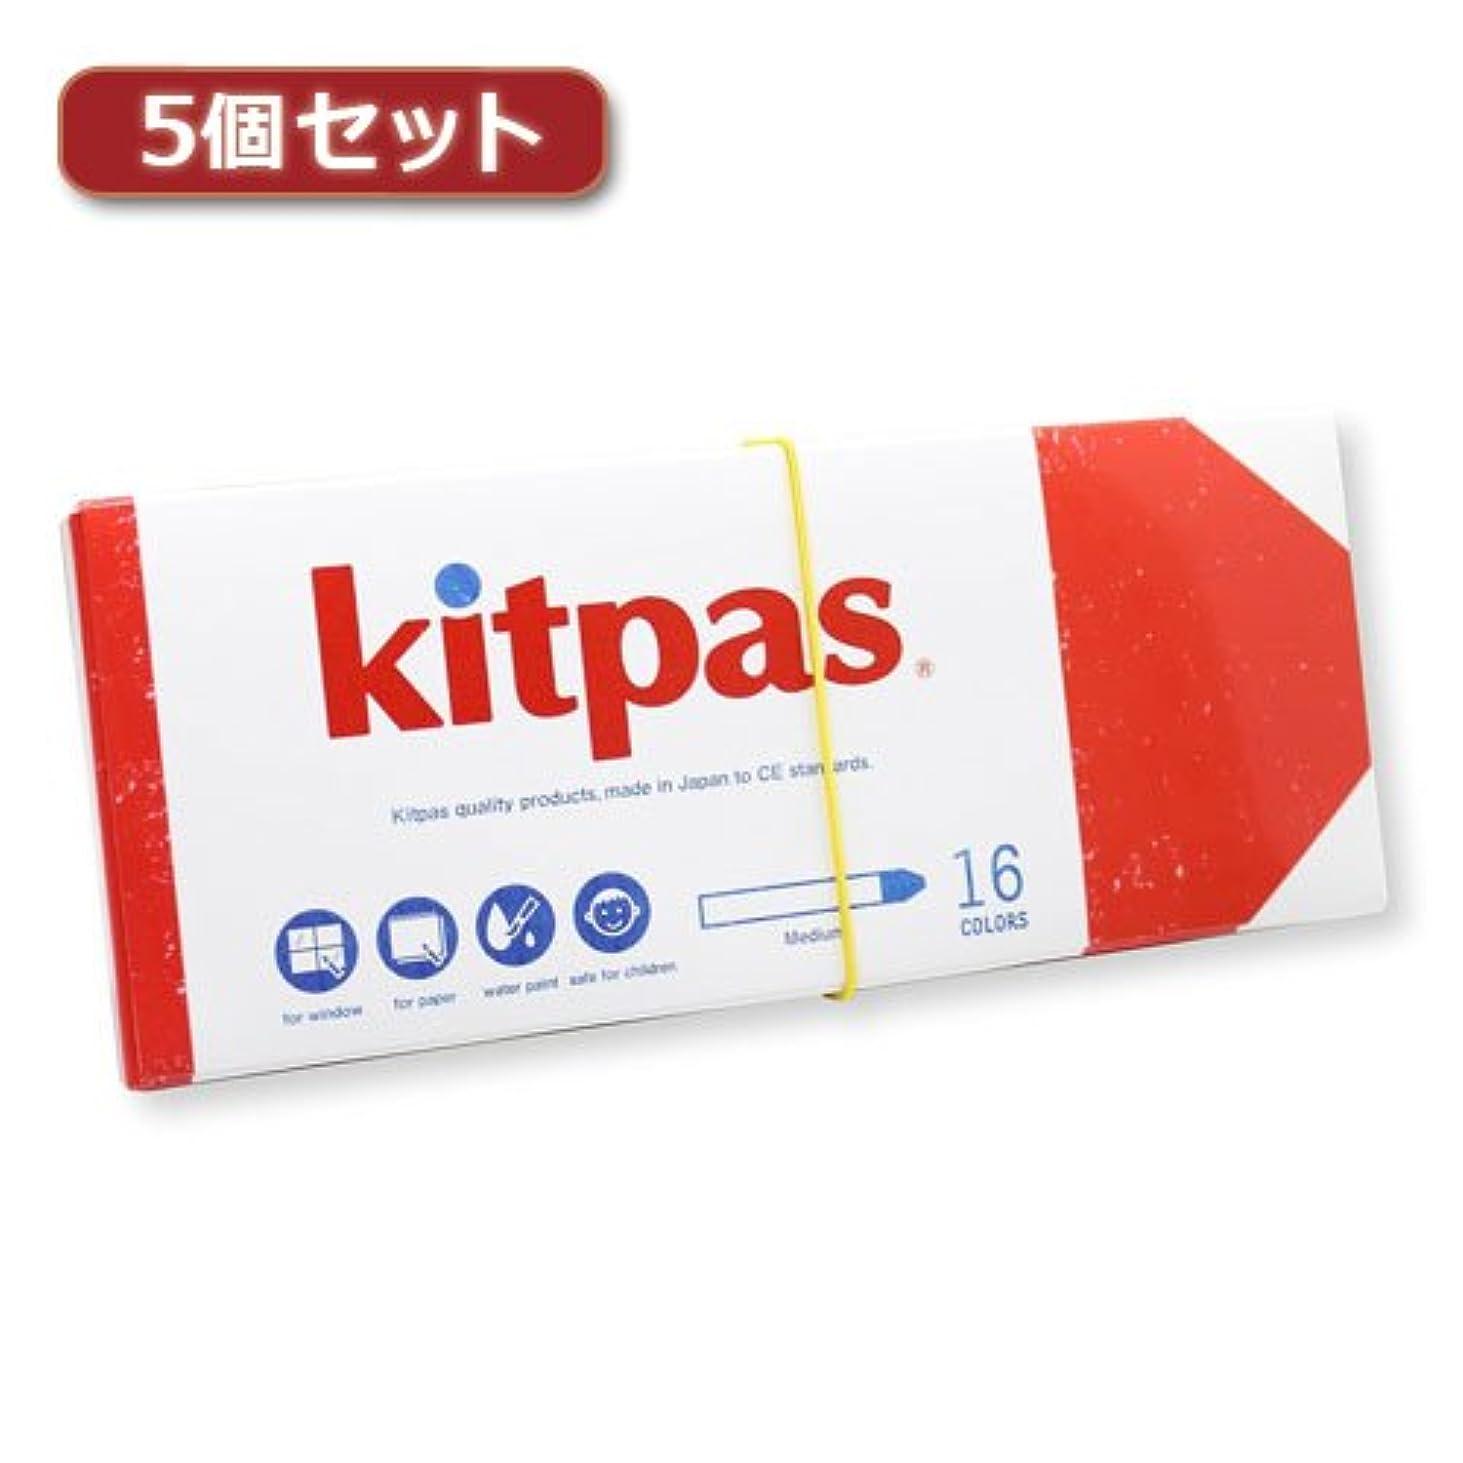 下る指紋医師(4個まとめ売り) 5個セット 日本理化学工業 キットパスミディアム 16色 KM-16CX5